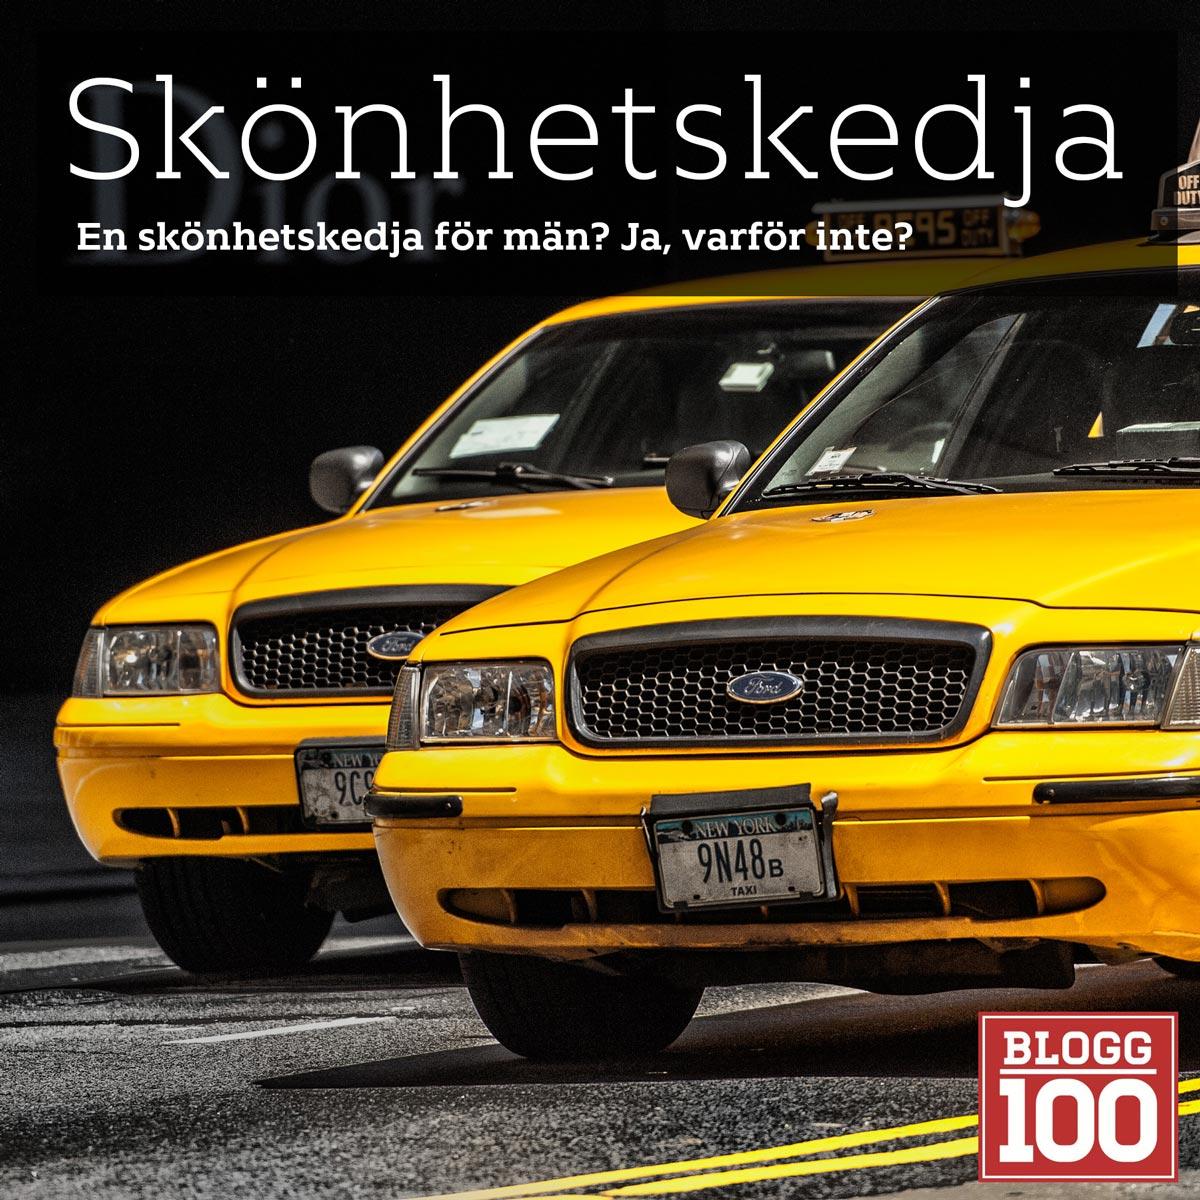 Skönhetskedja för män? #blogg100 #fb